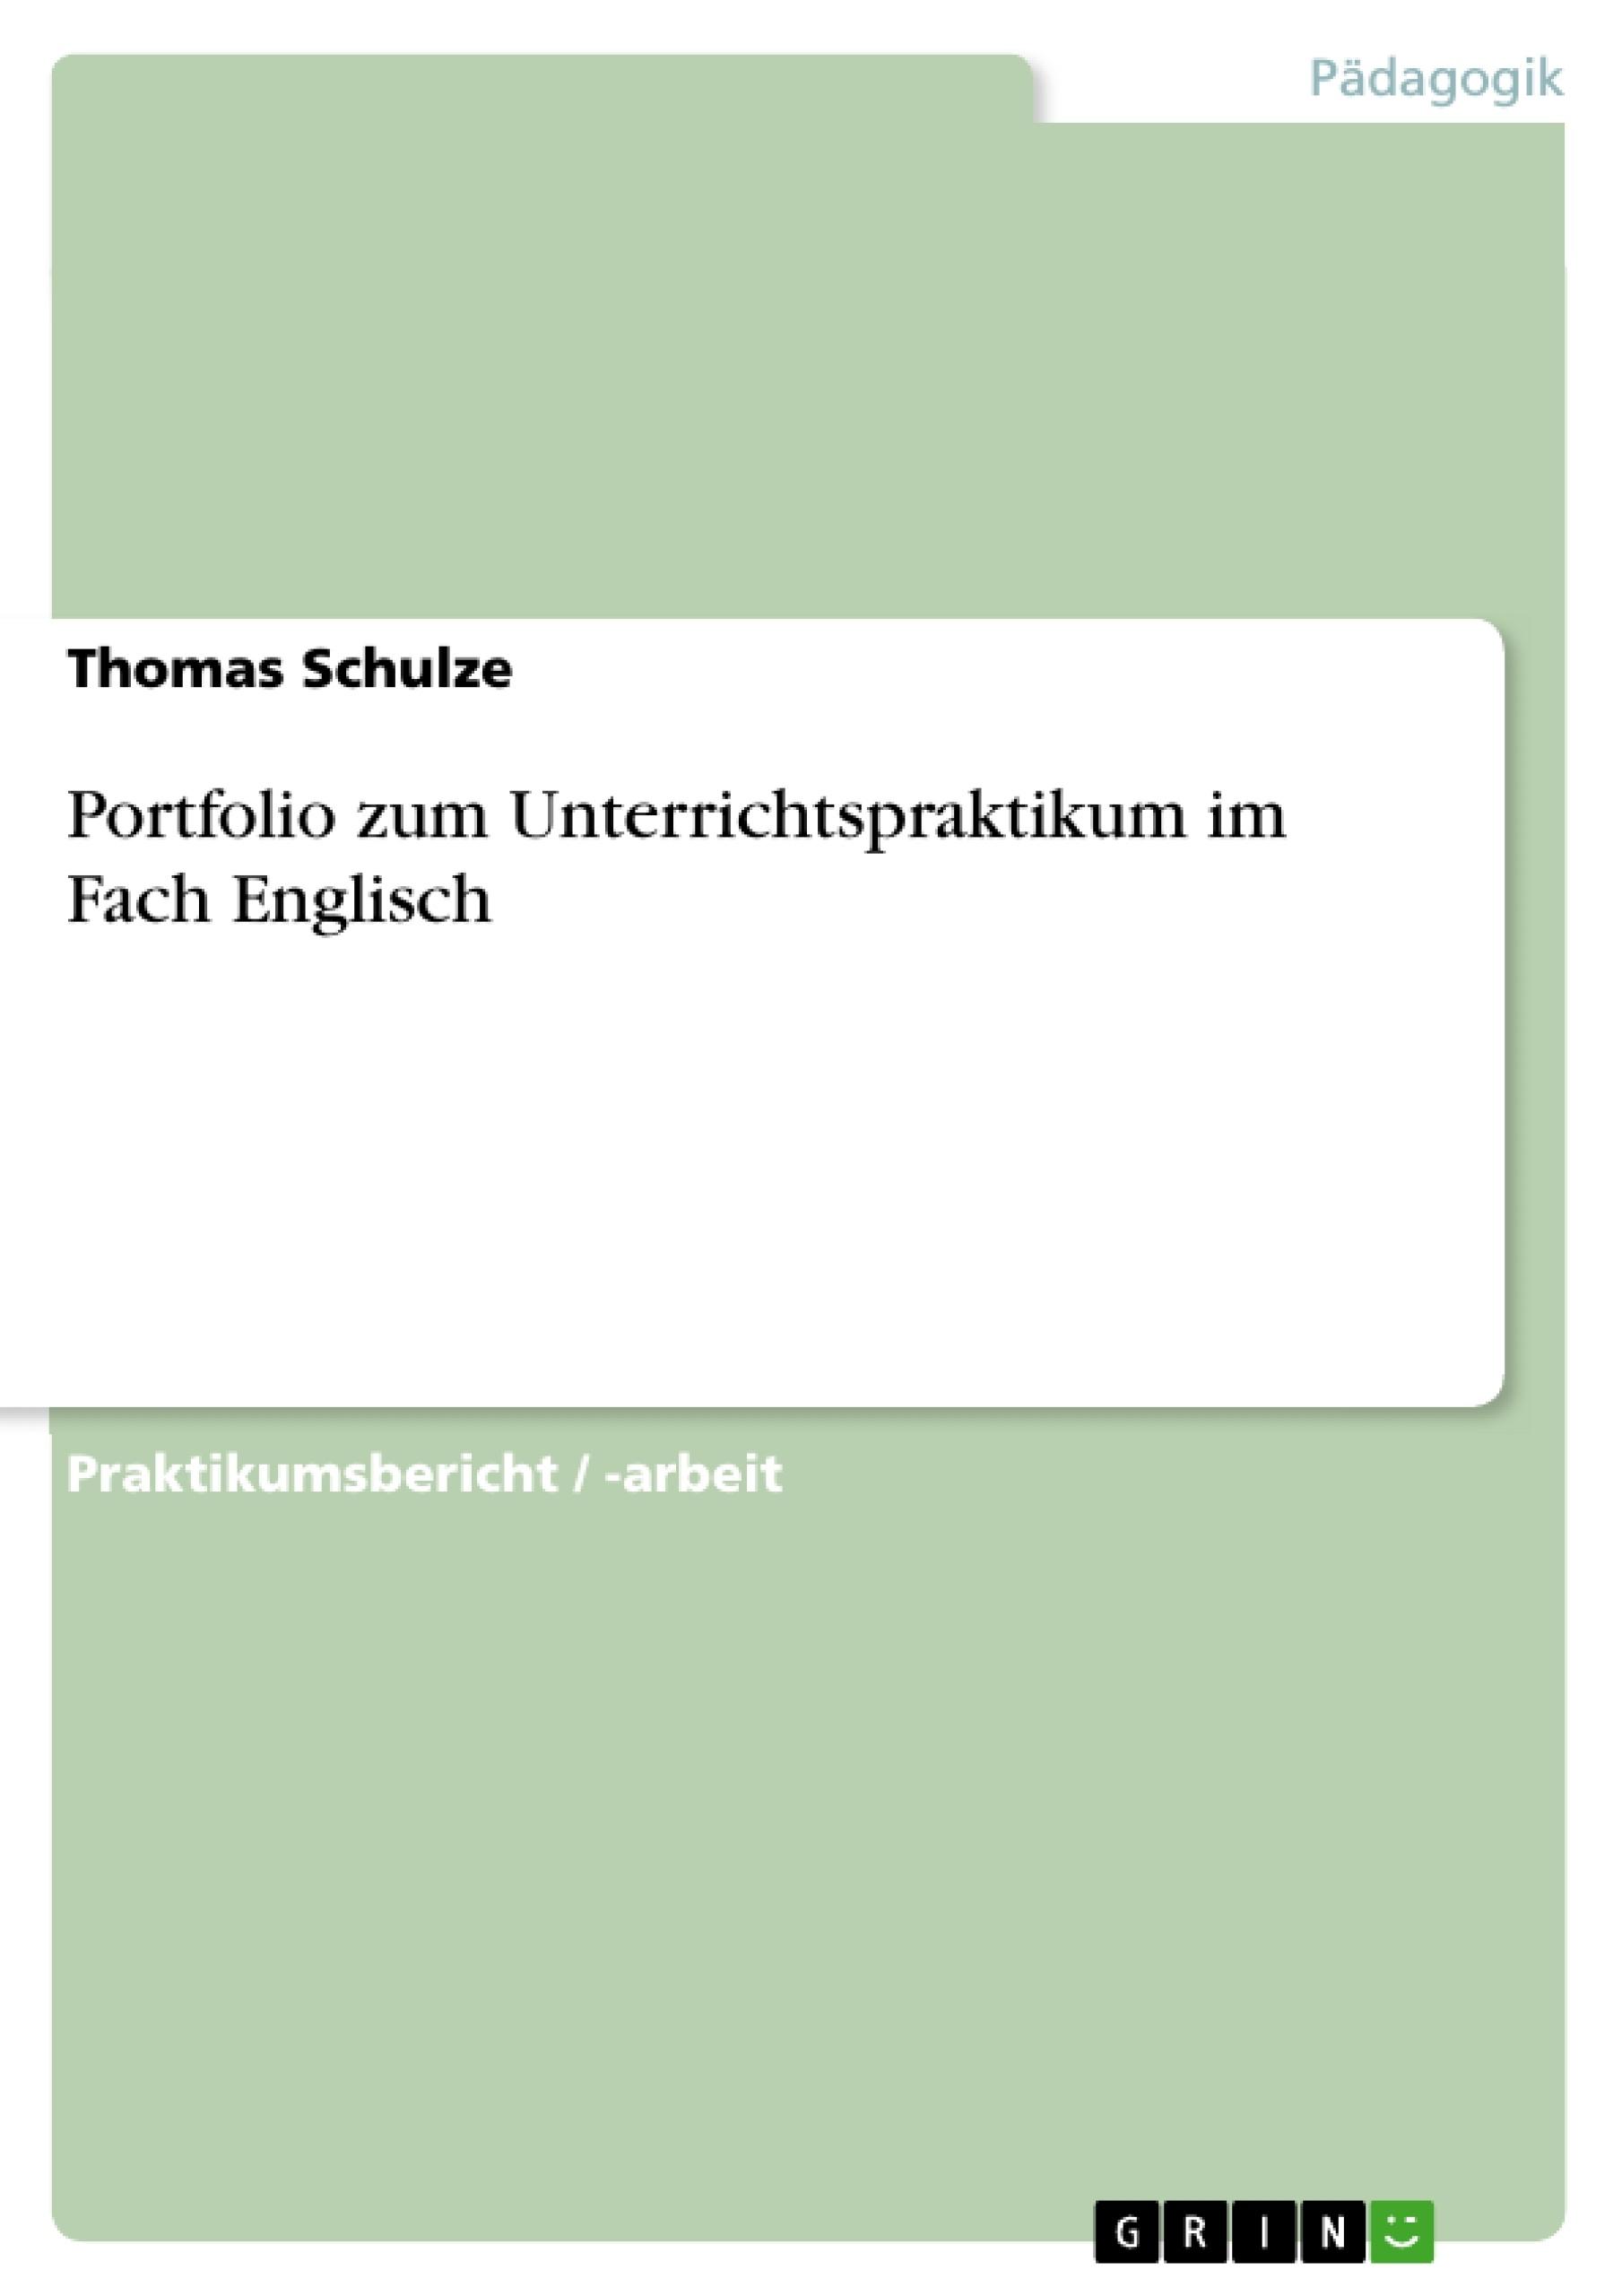 Titel: Portfolio zum Unterrichtspraktikum im Fach Englisch